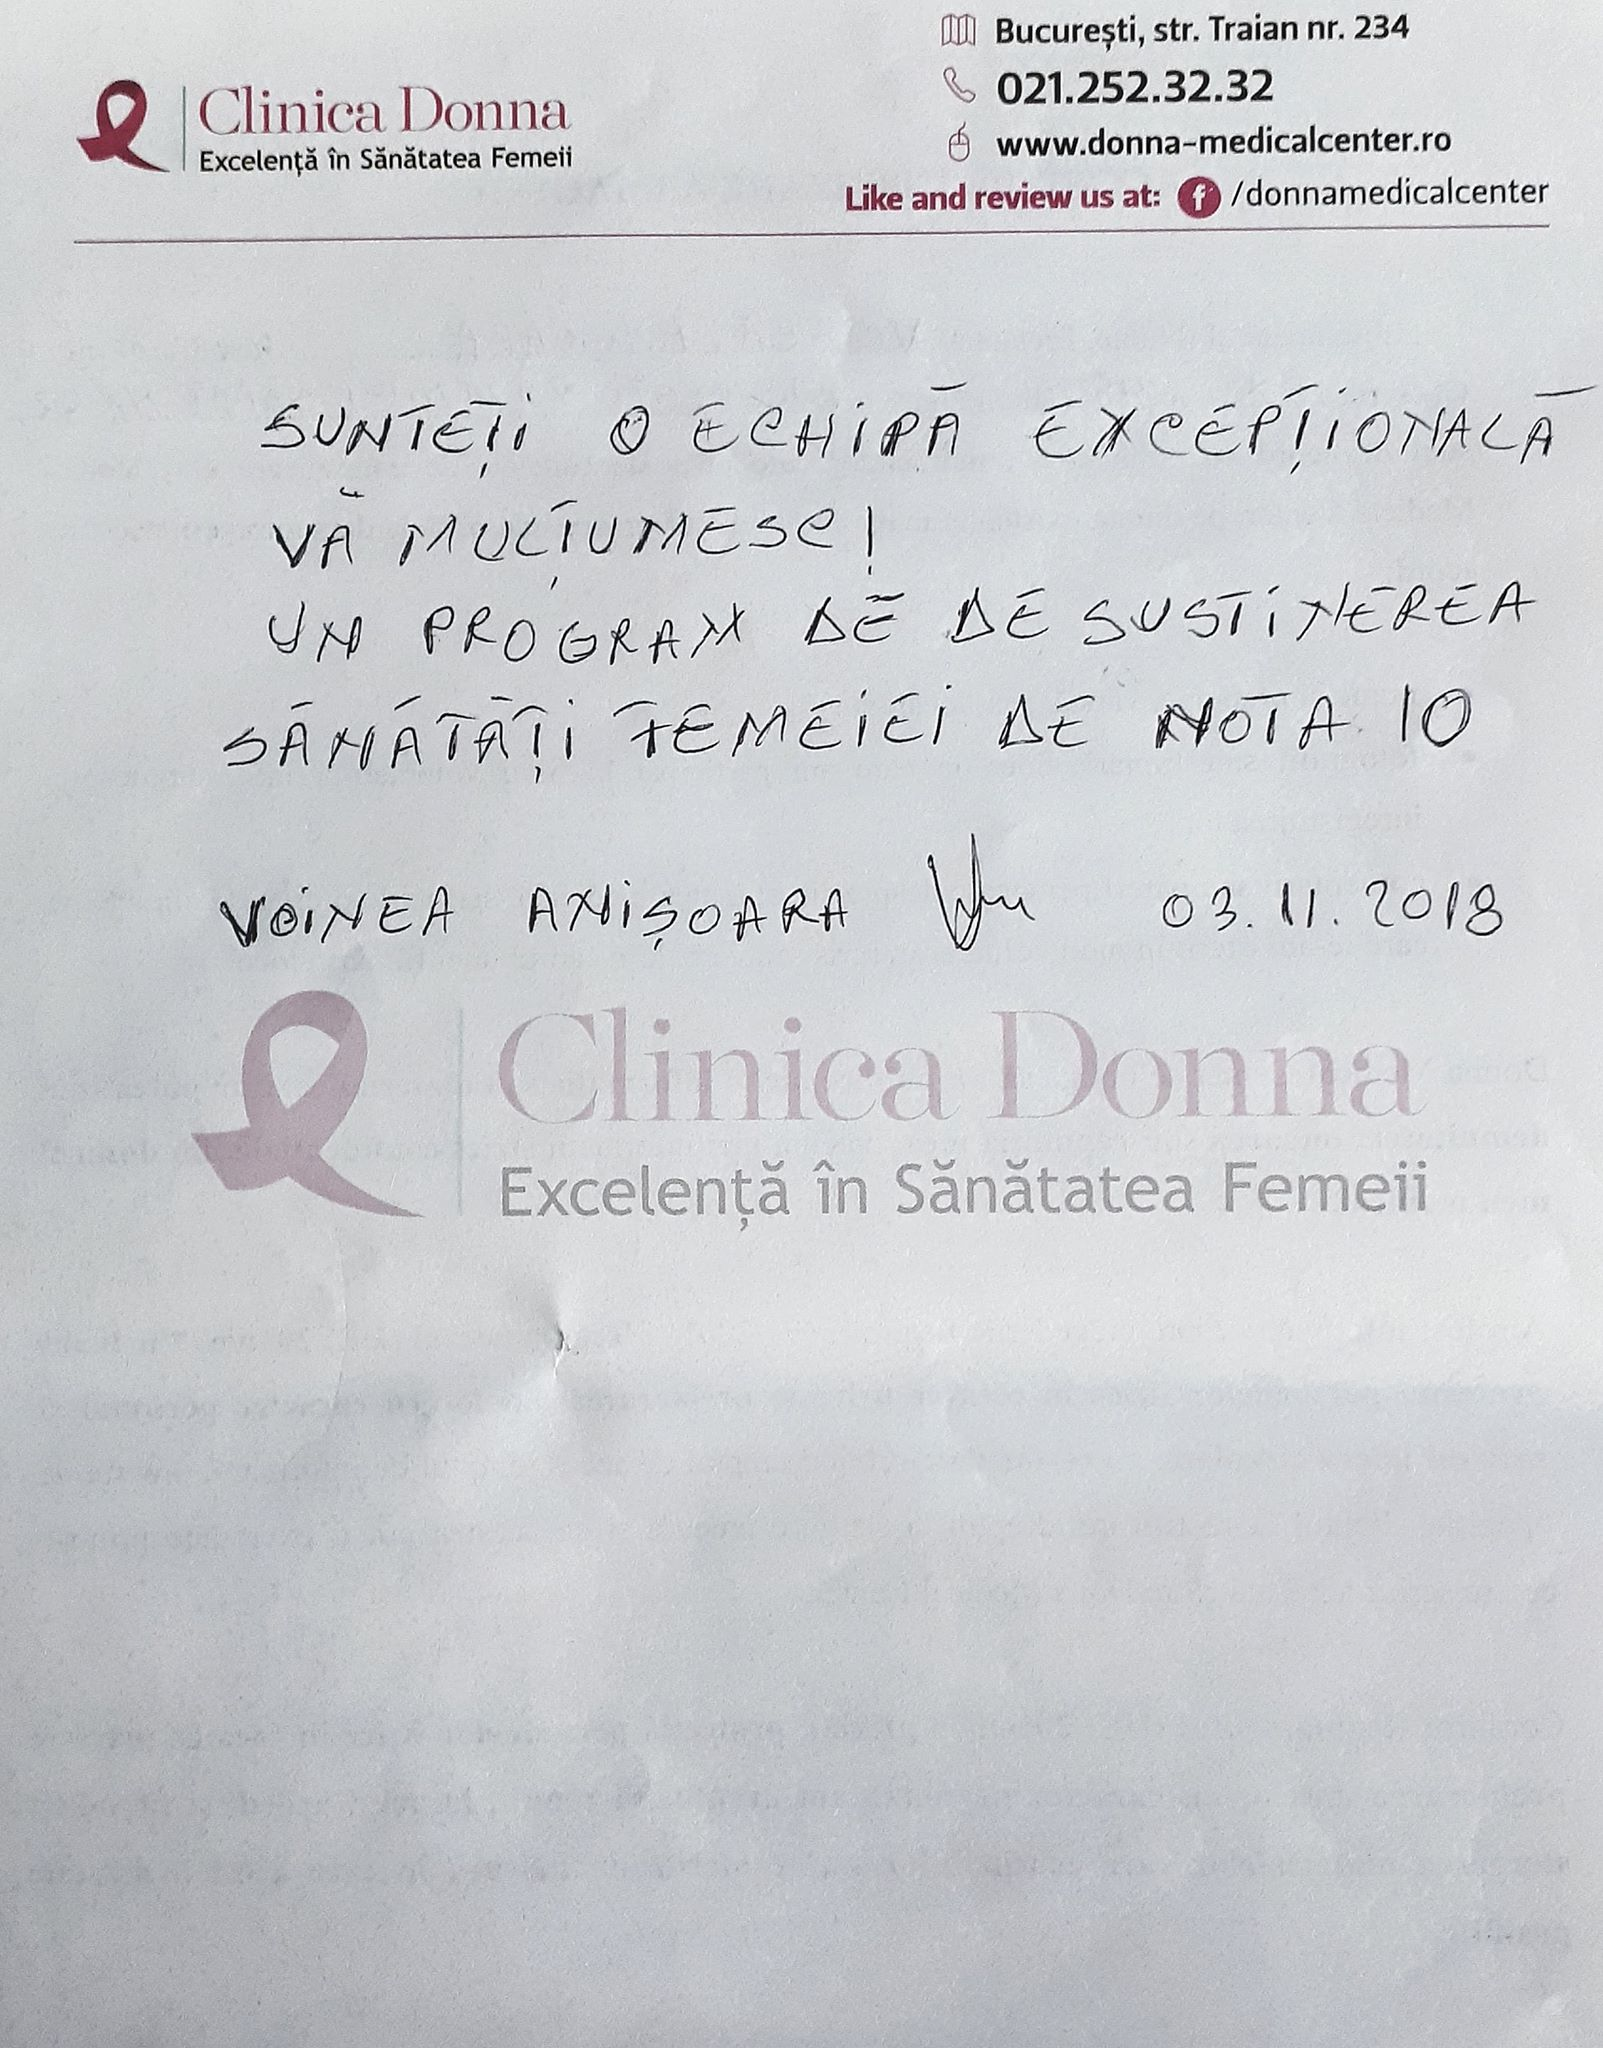 """Voinea Anișoara, Campania socială """"Ziua Șanselor la Viață"""", 03.11.2018"""